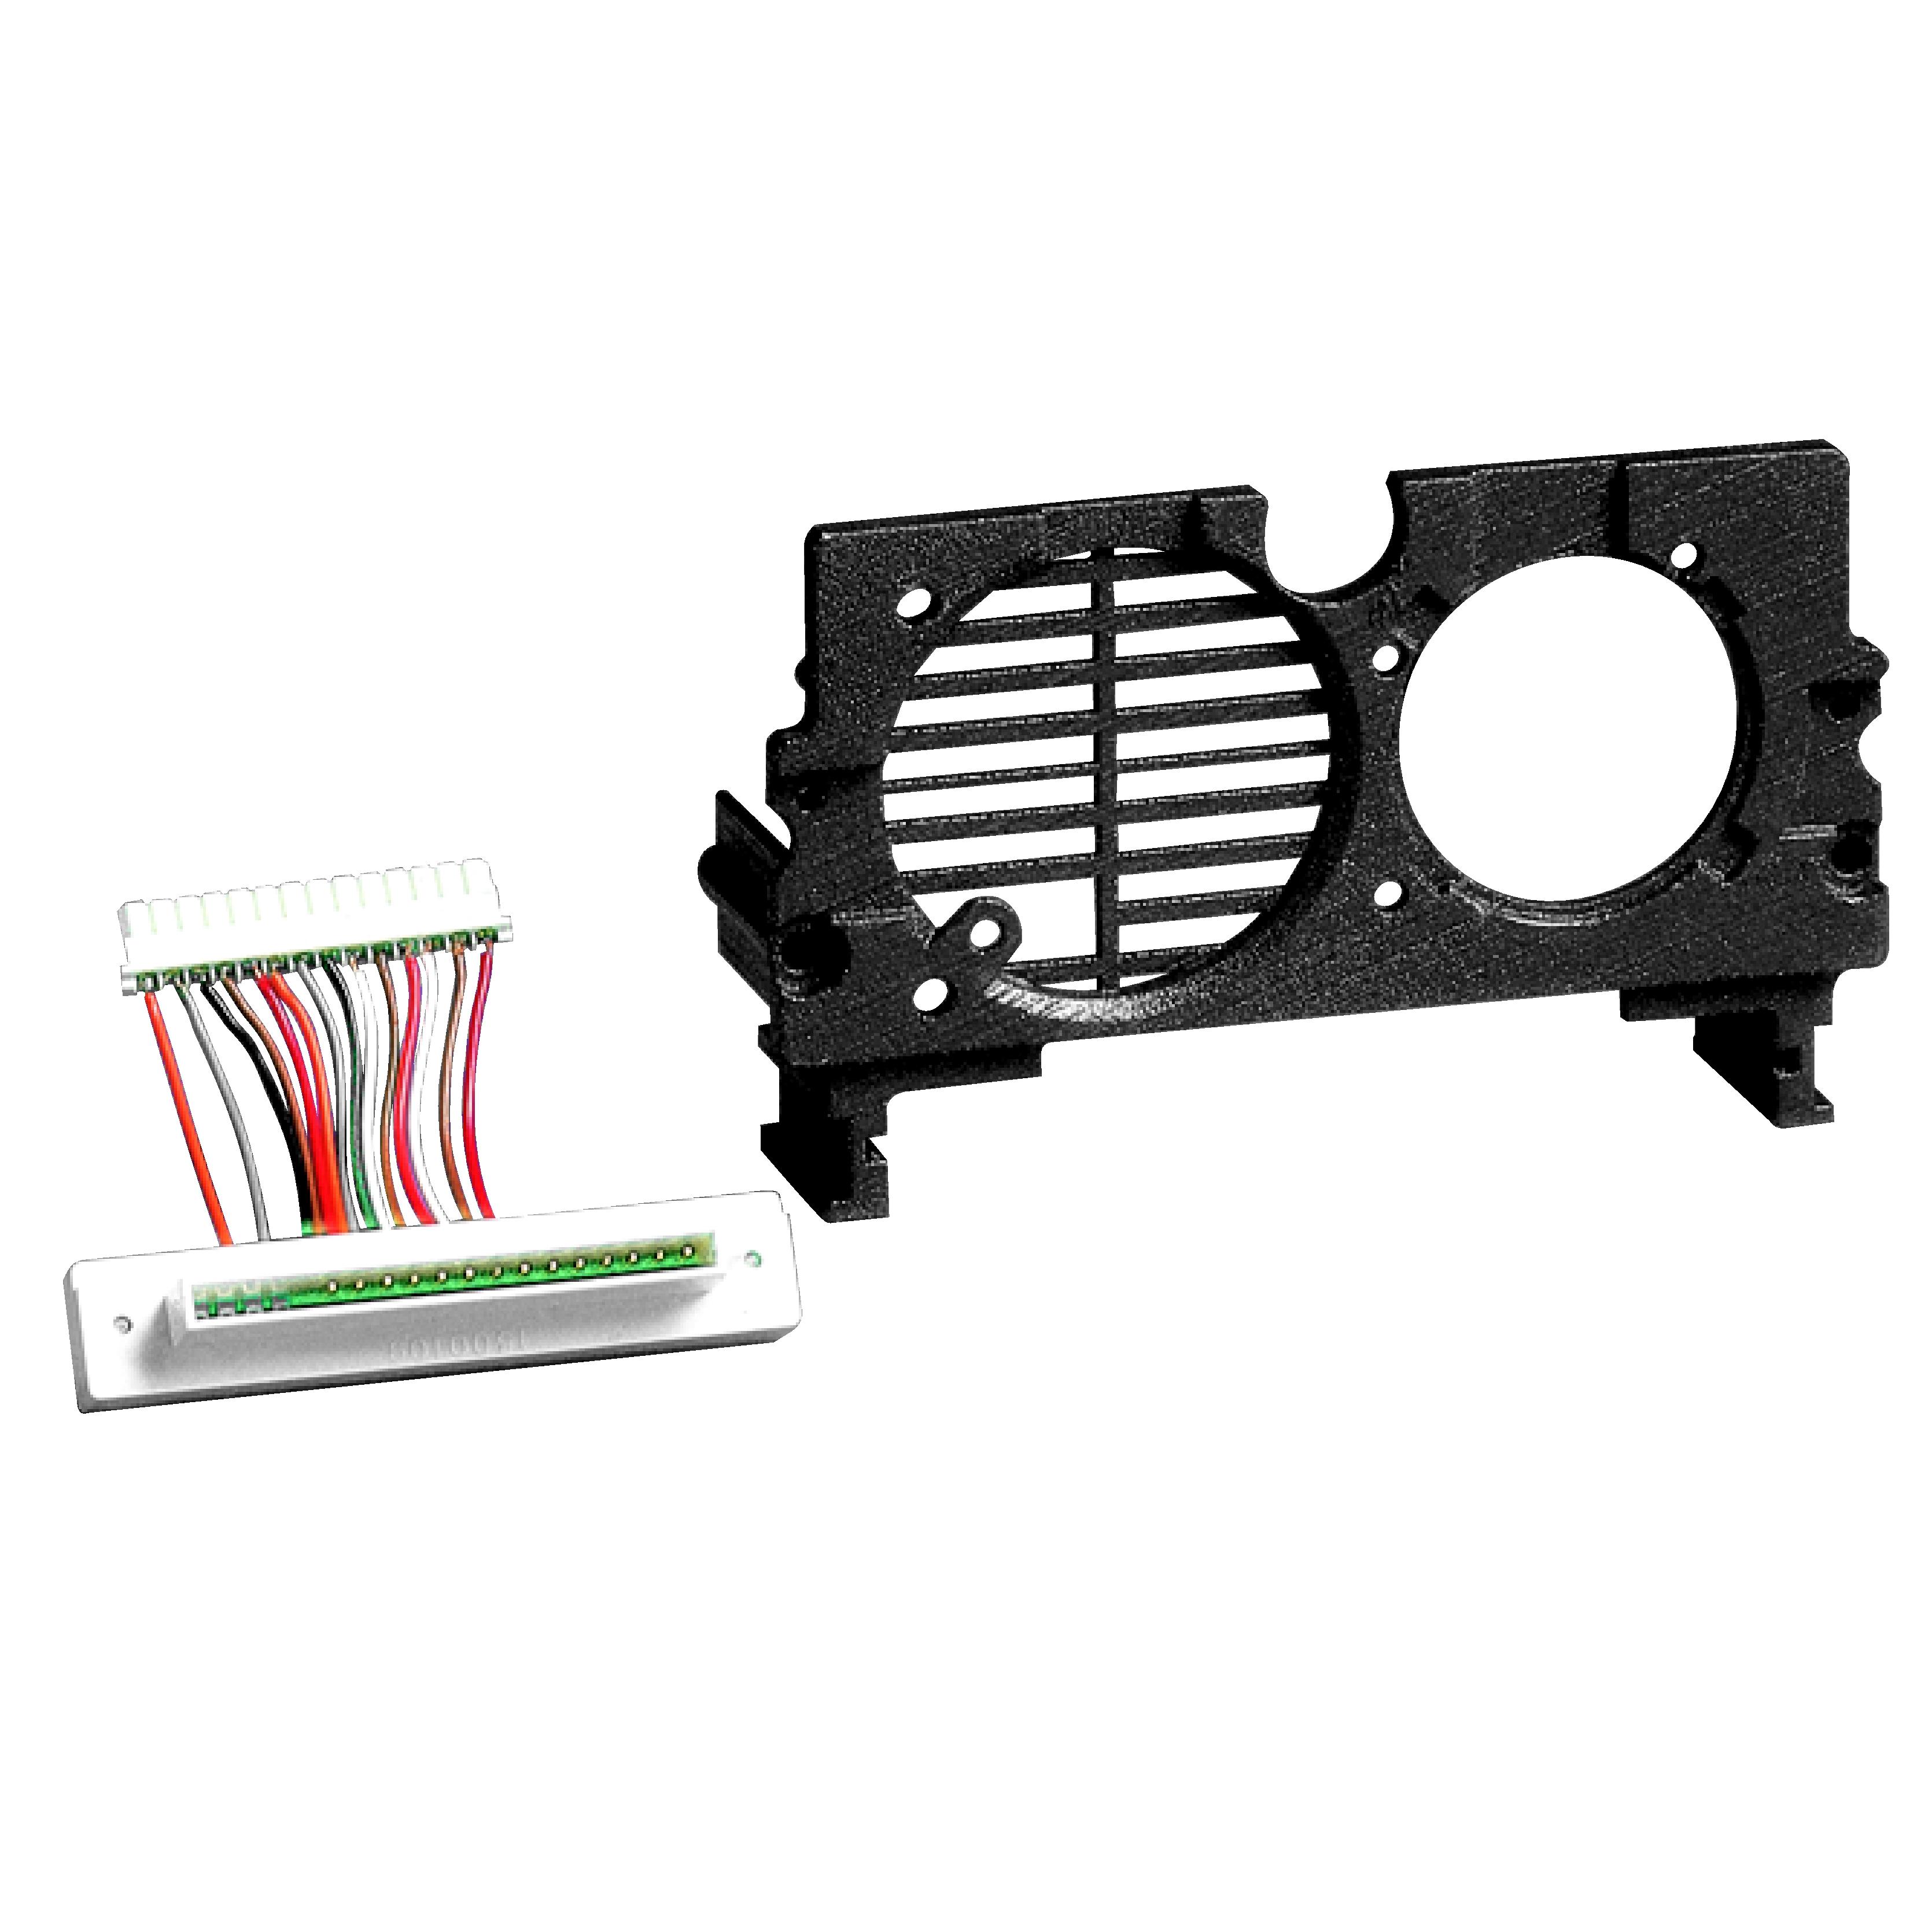 1 Stk Montagerahmen, Zubehör für POWERCOM Lautsprecher/Kameramodul SP125000--